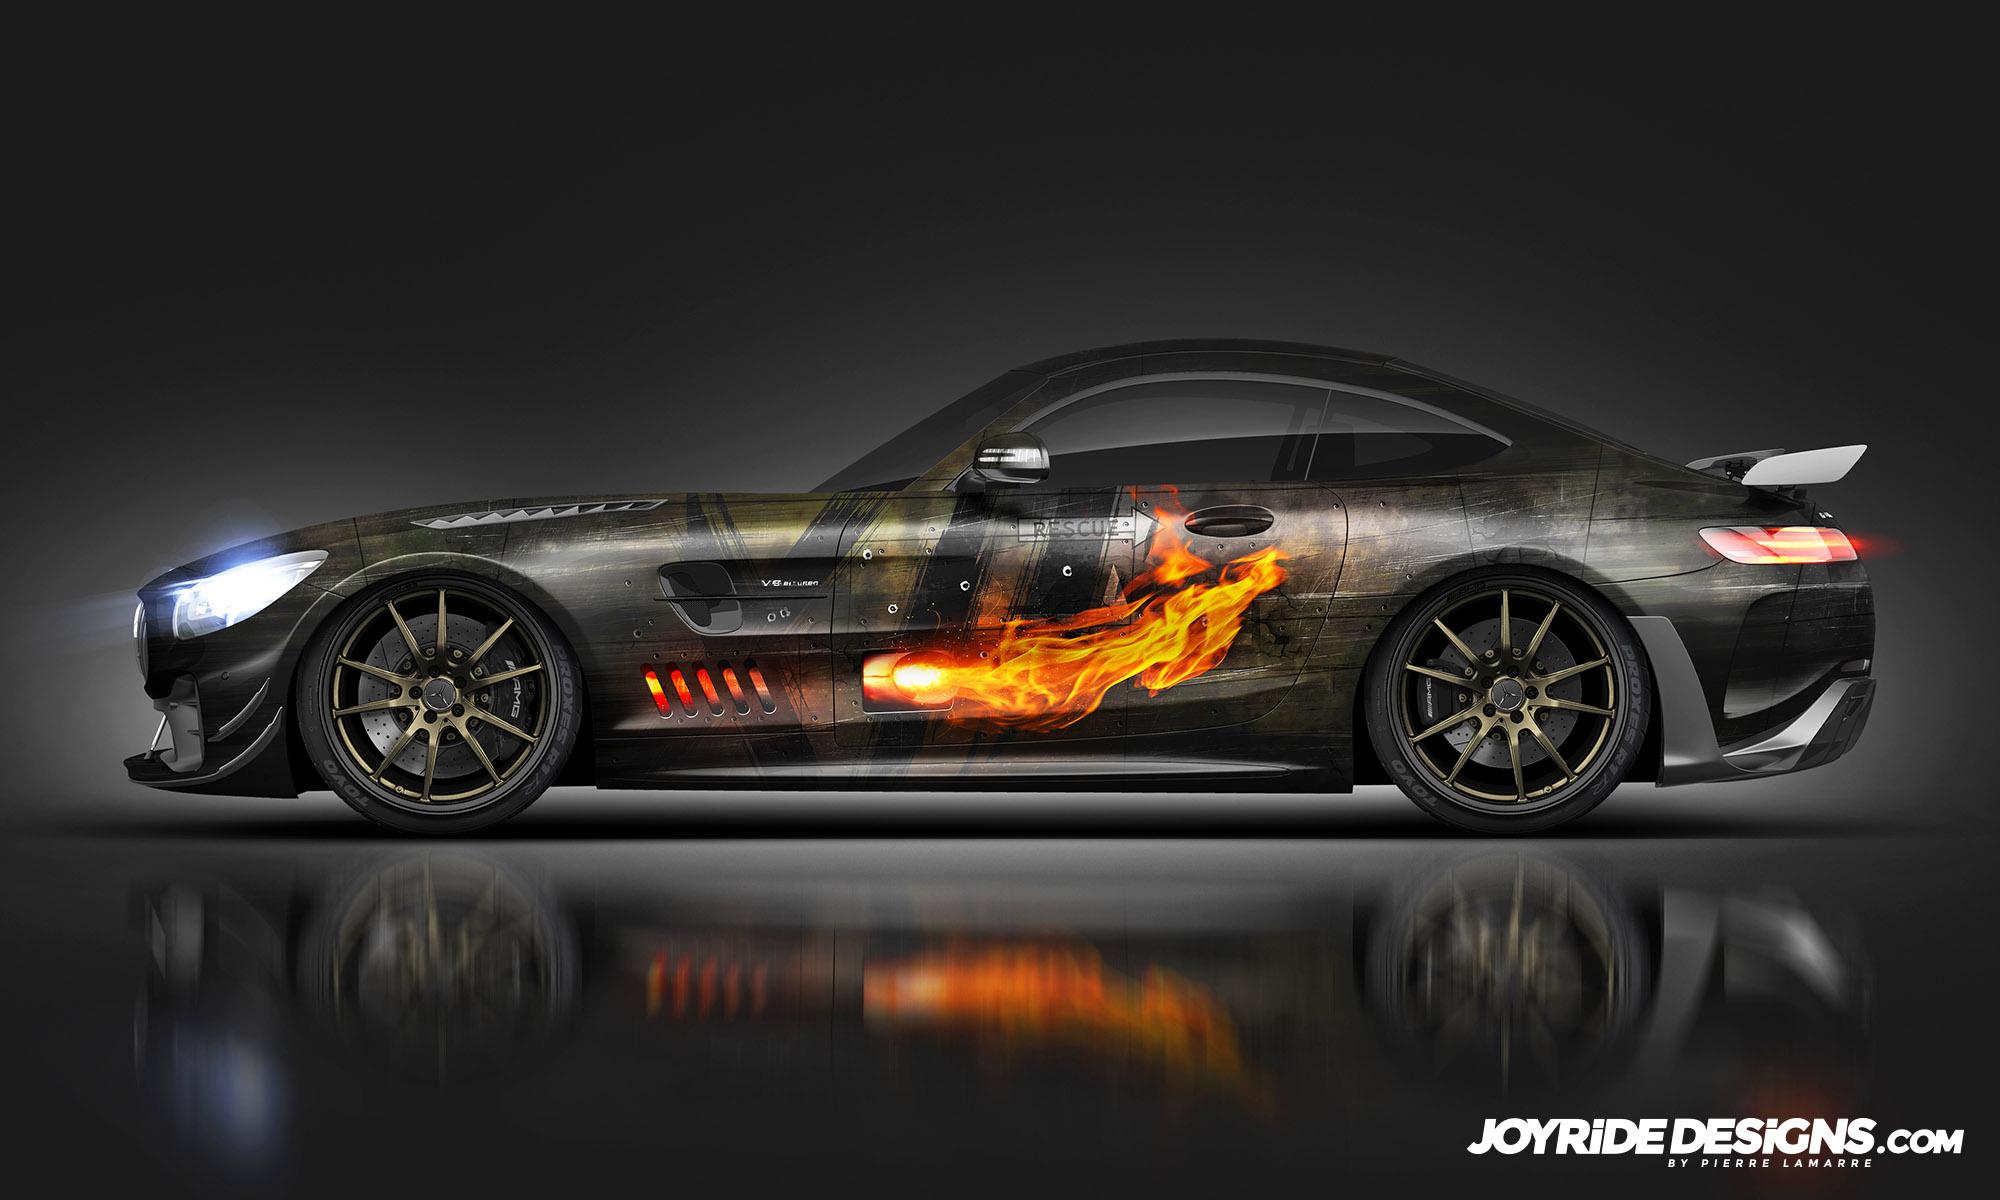 2020 MERCEDES AMG GT-R PRO MILITARY CHOPPER JOYRIDE WRAP DESIGN